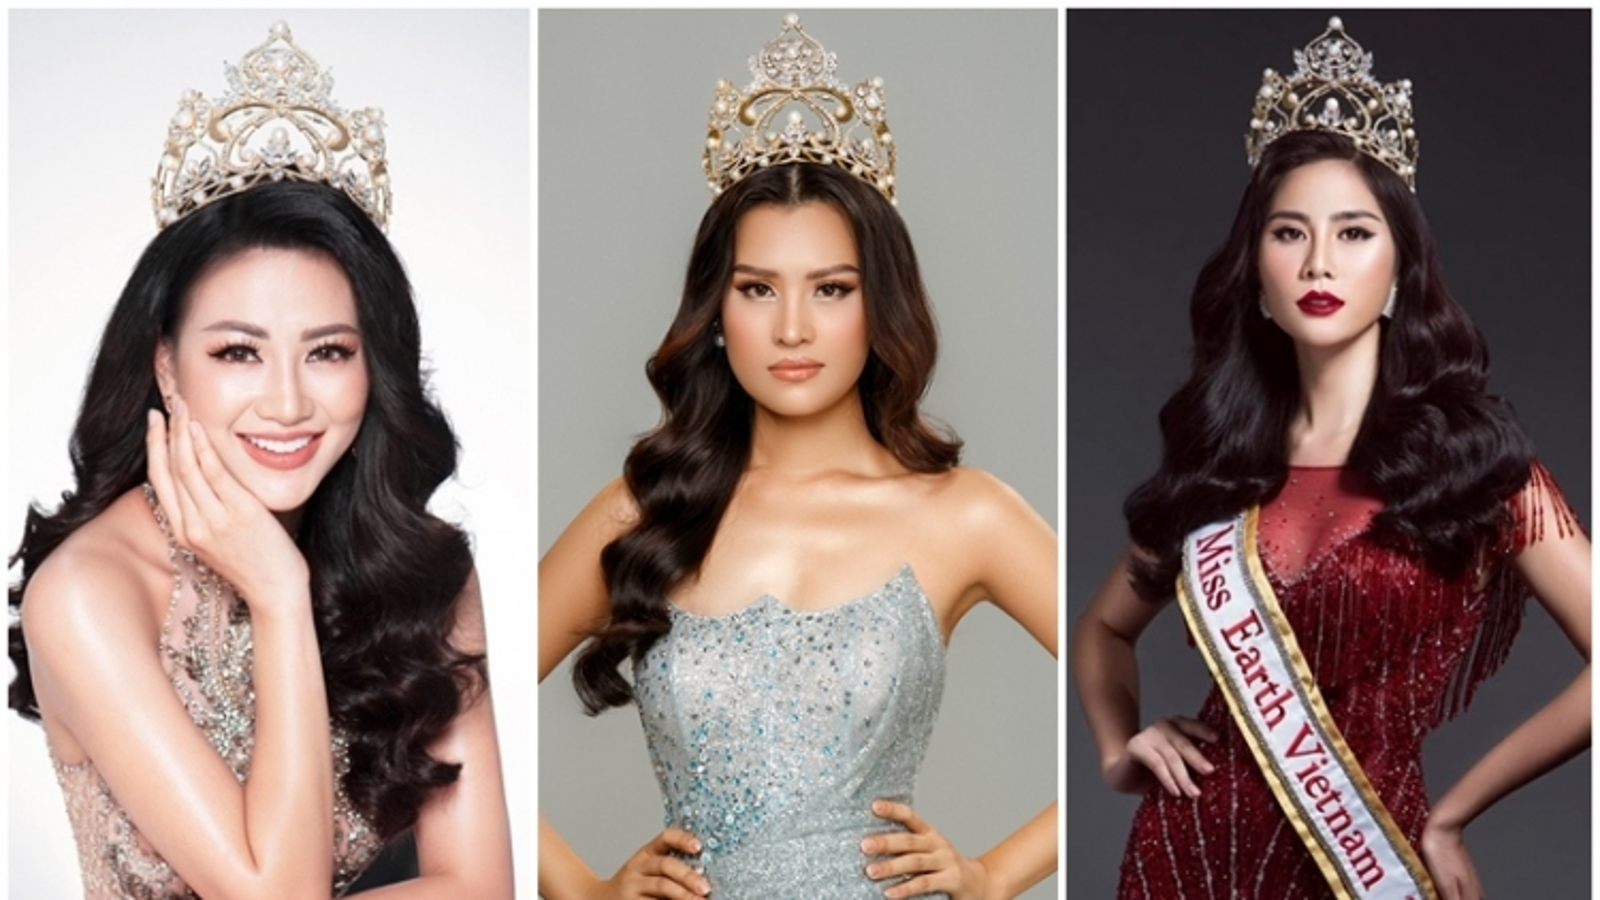 Phương Khánh, Hoàng Hạnh truyền kinh nghiệm cho Thái Thị Hoa tại Miss Earth 2020